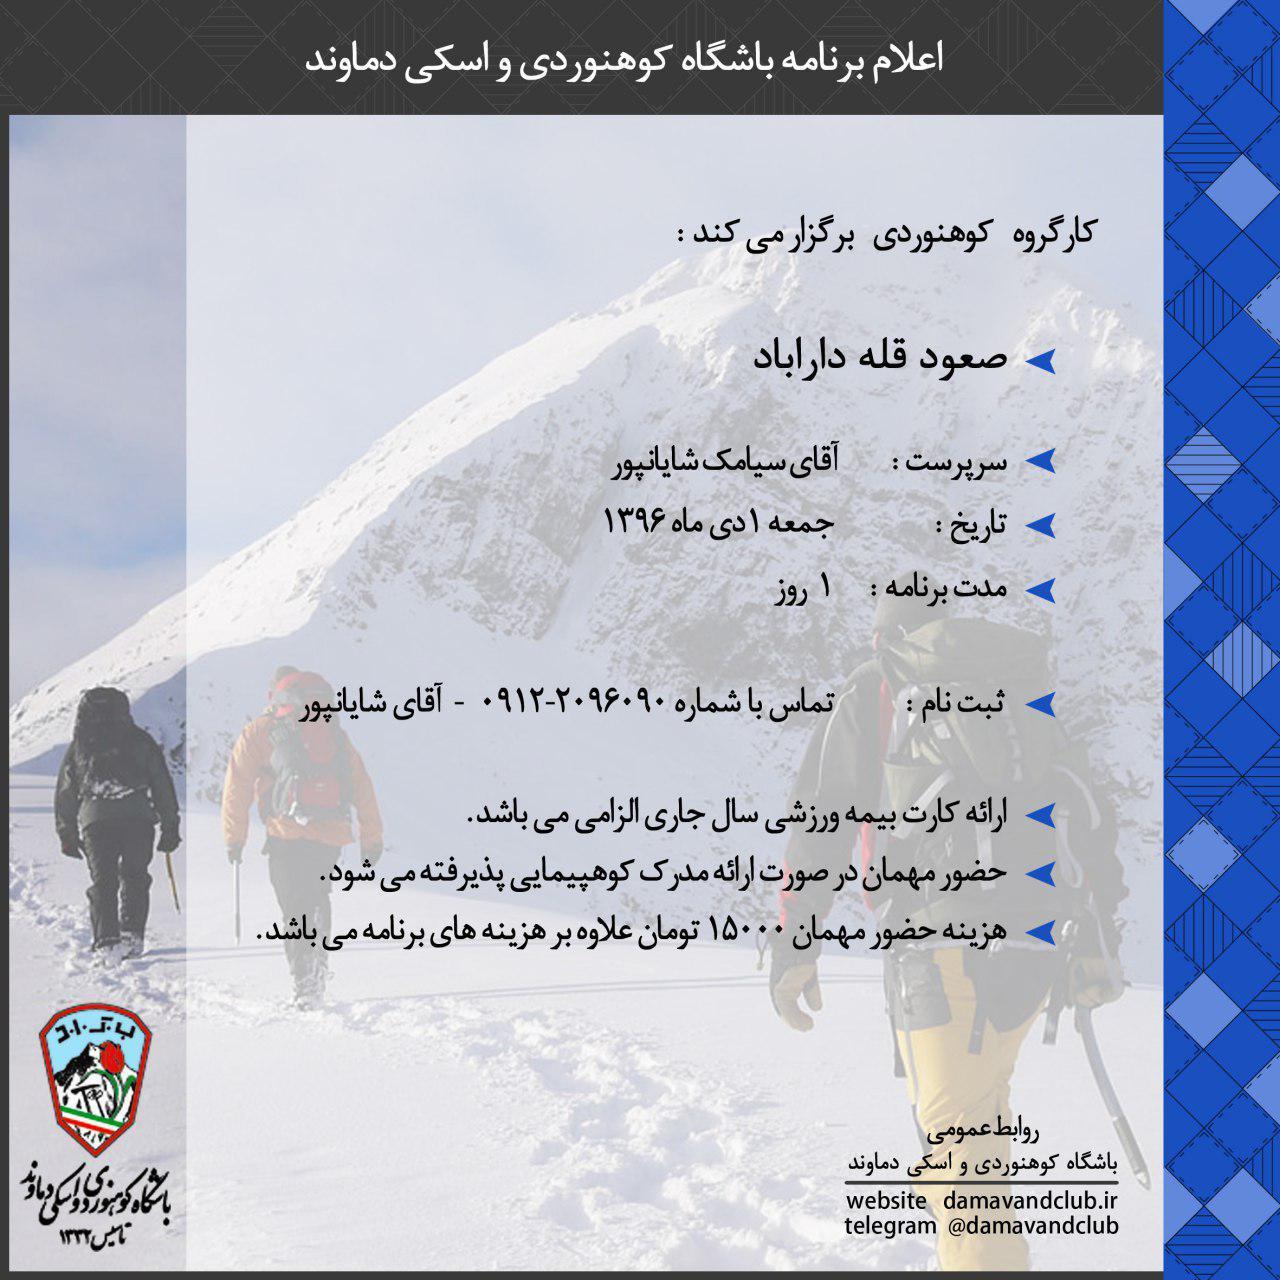 صعود به قله داراباد ۱ دی ماه ۹۶